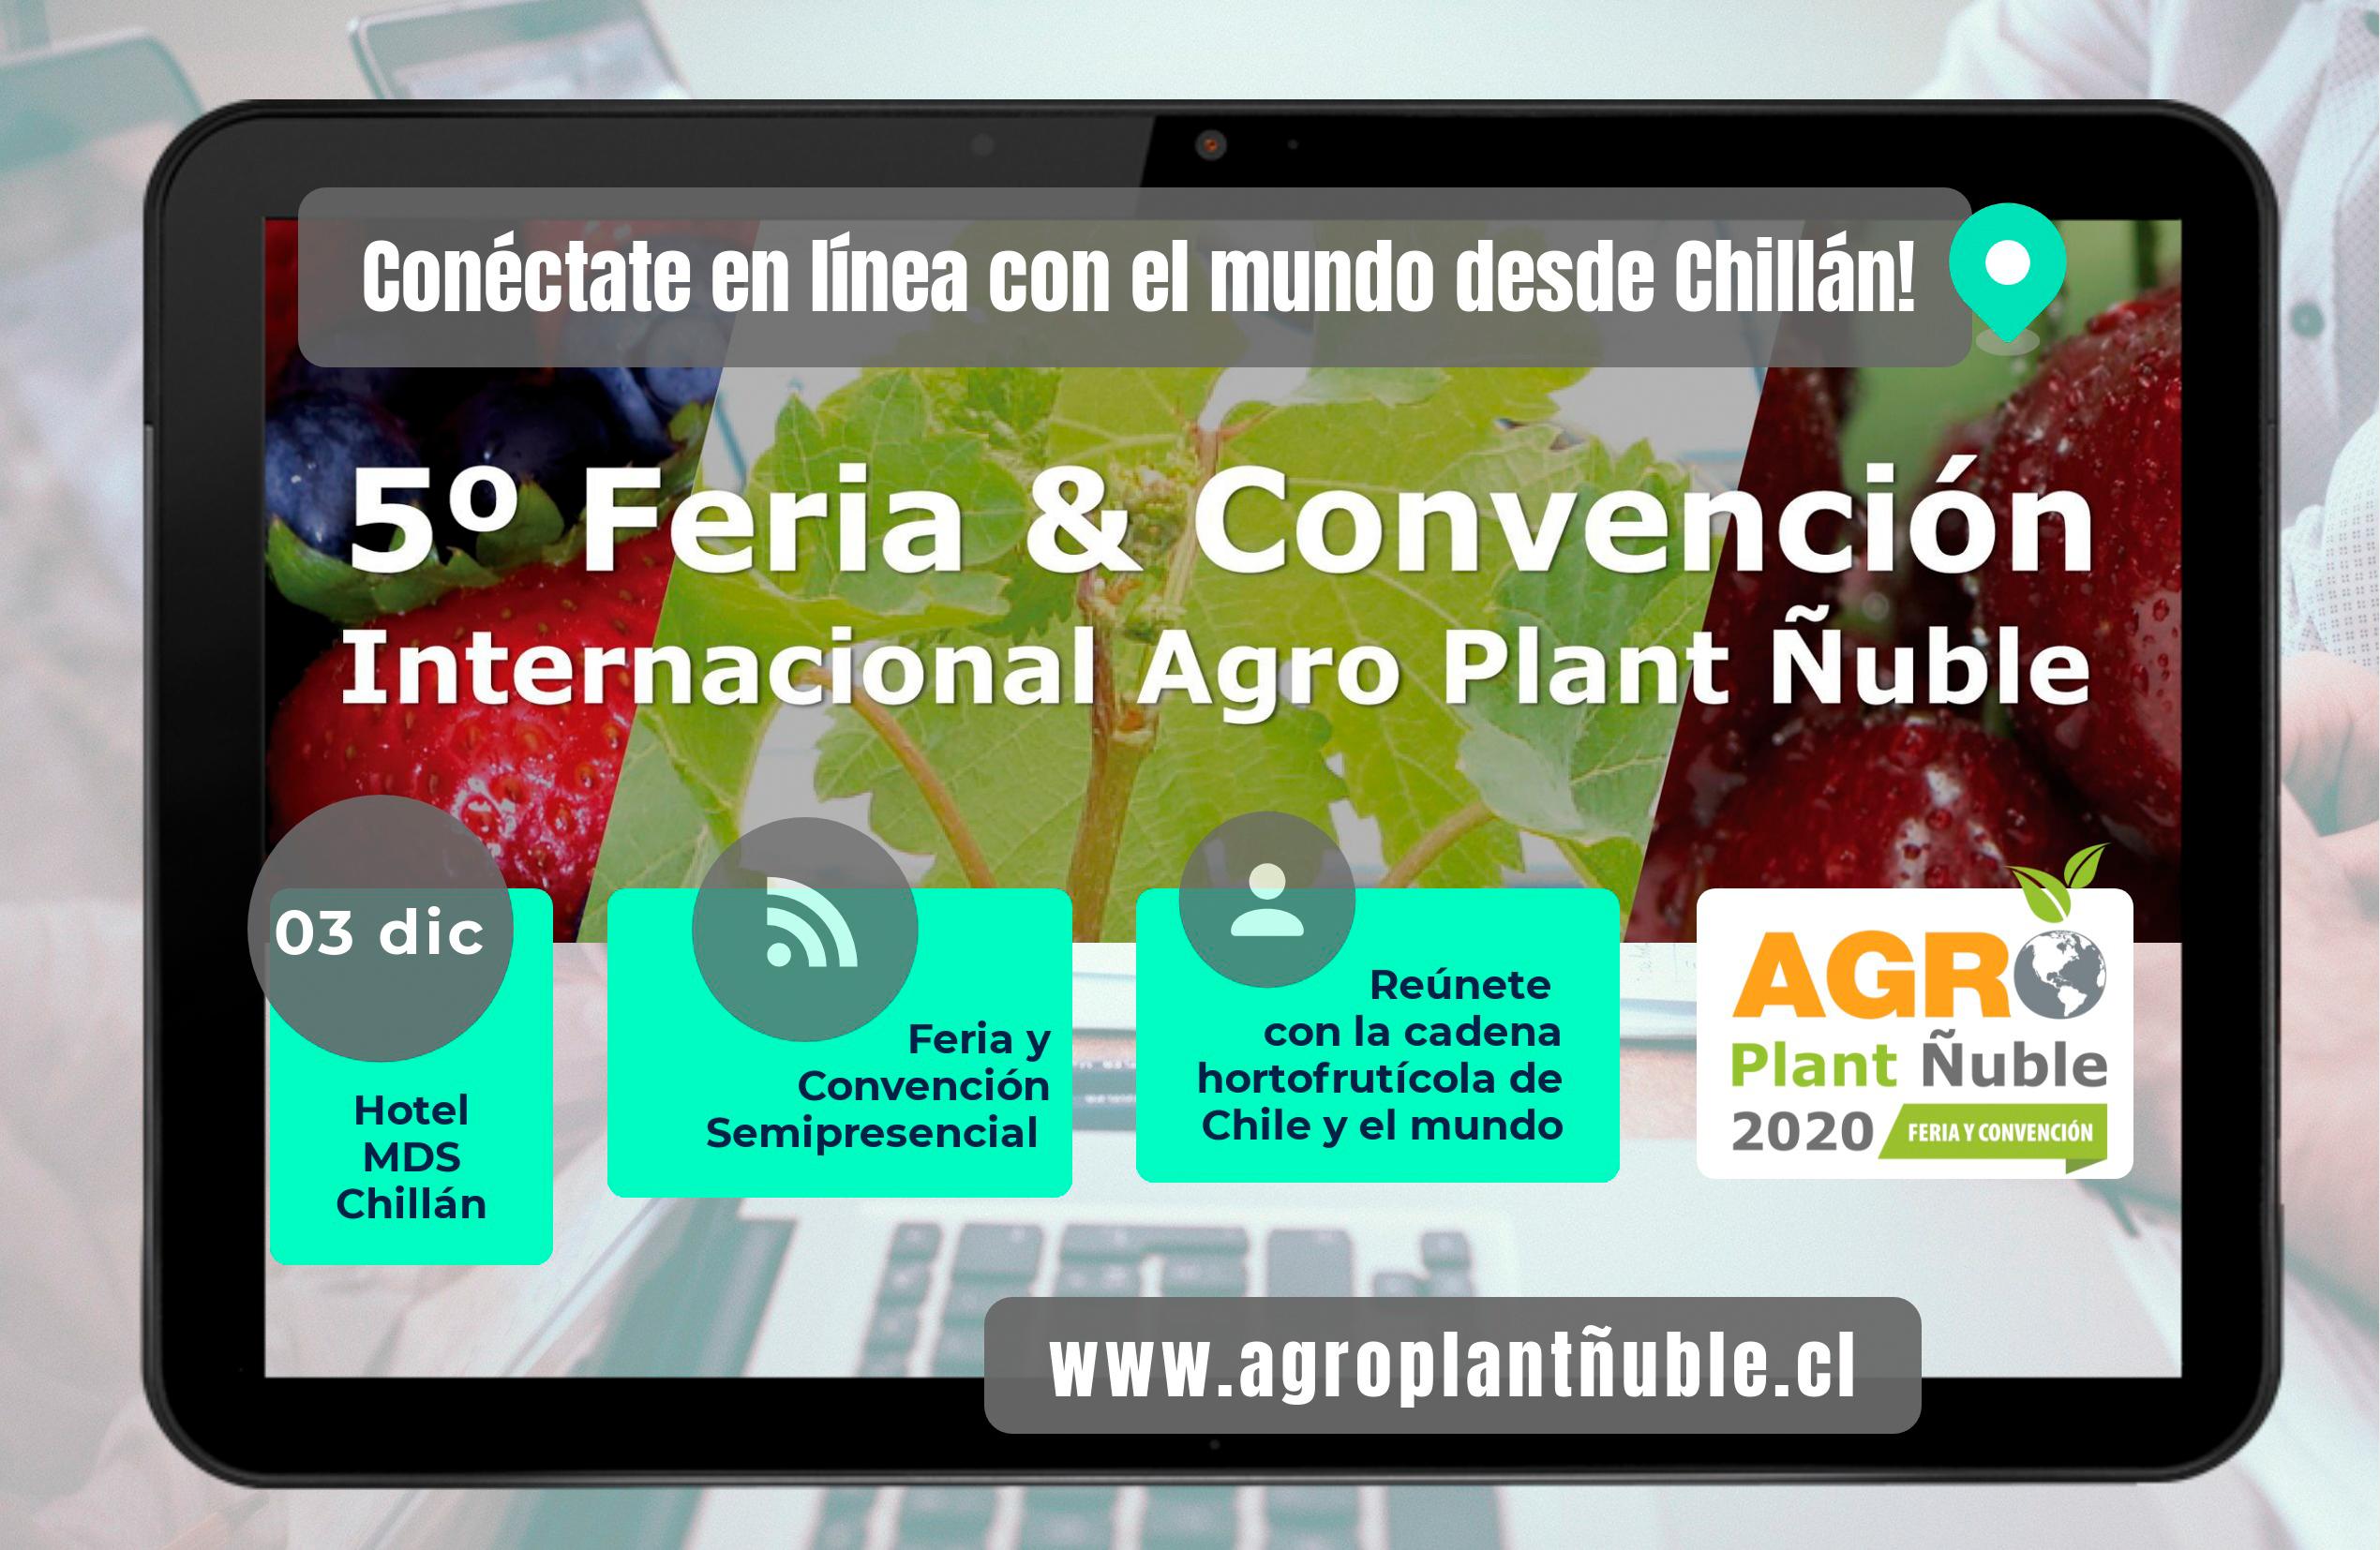 Agro Plant Ñuble